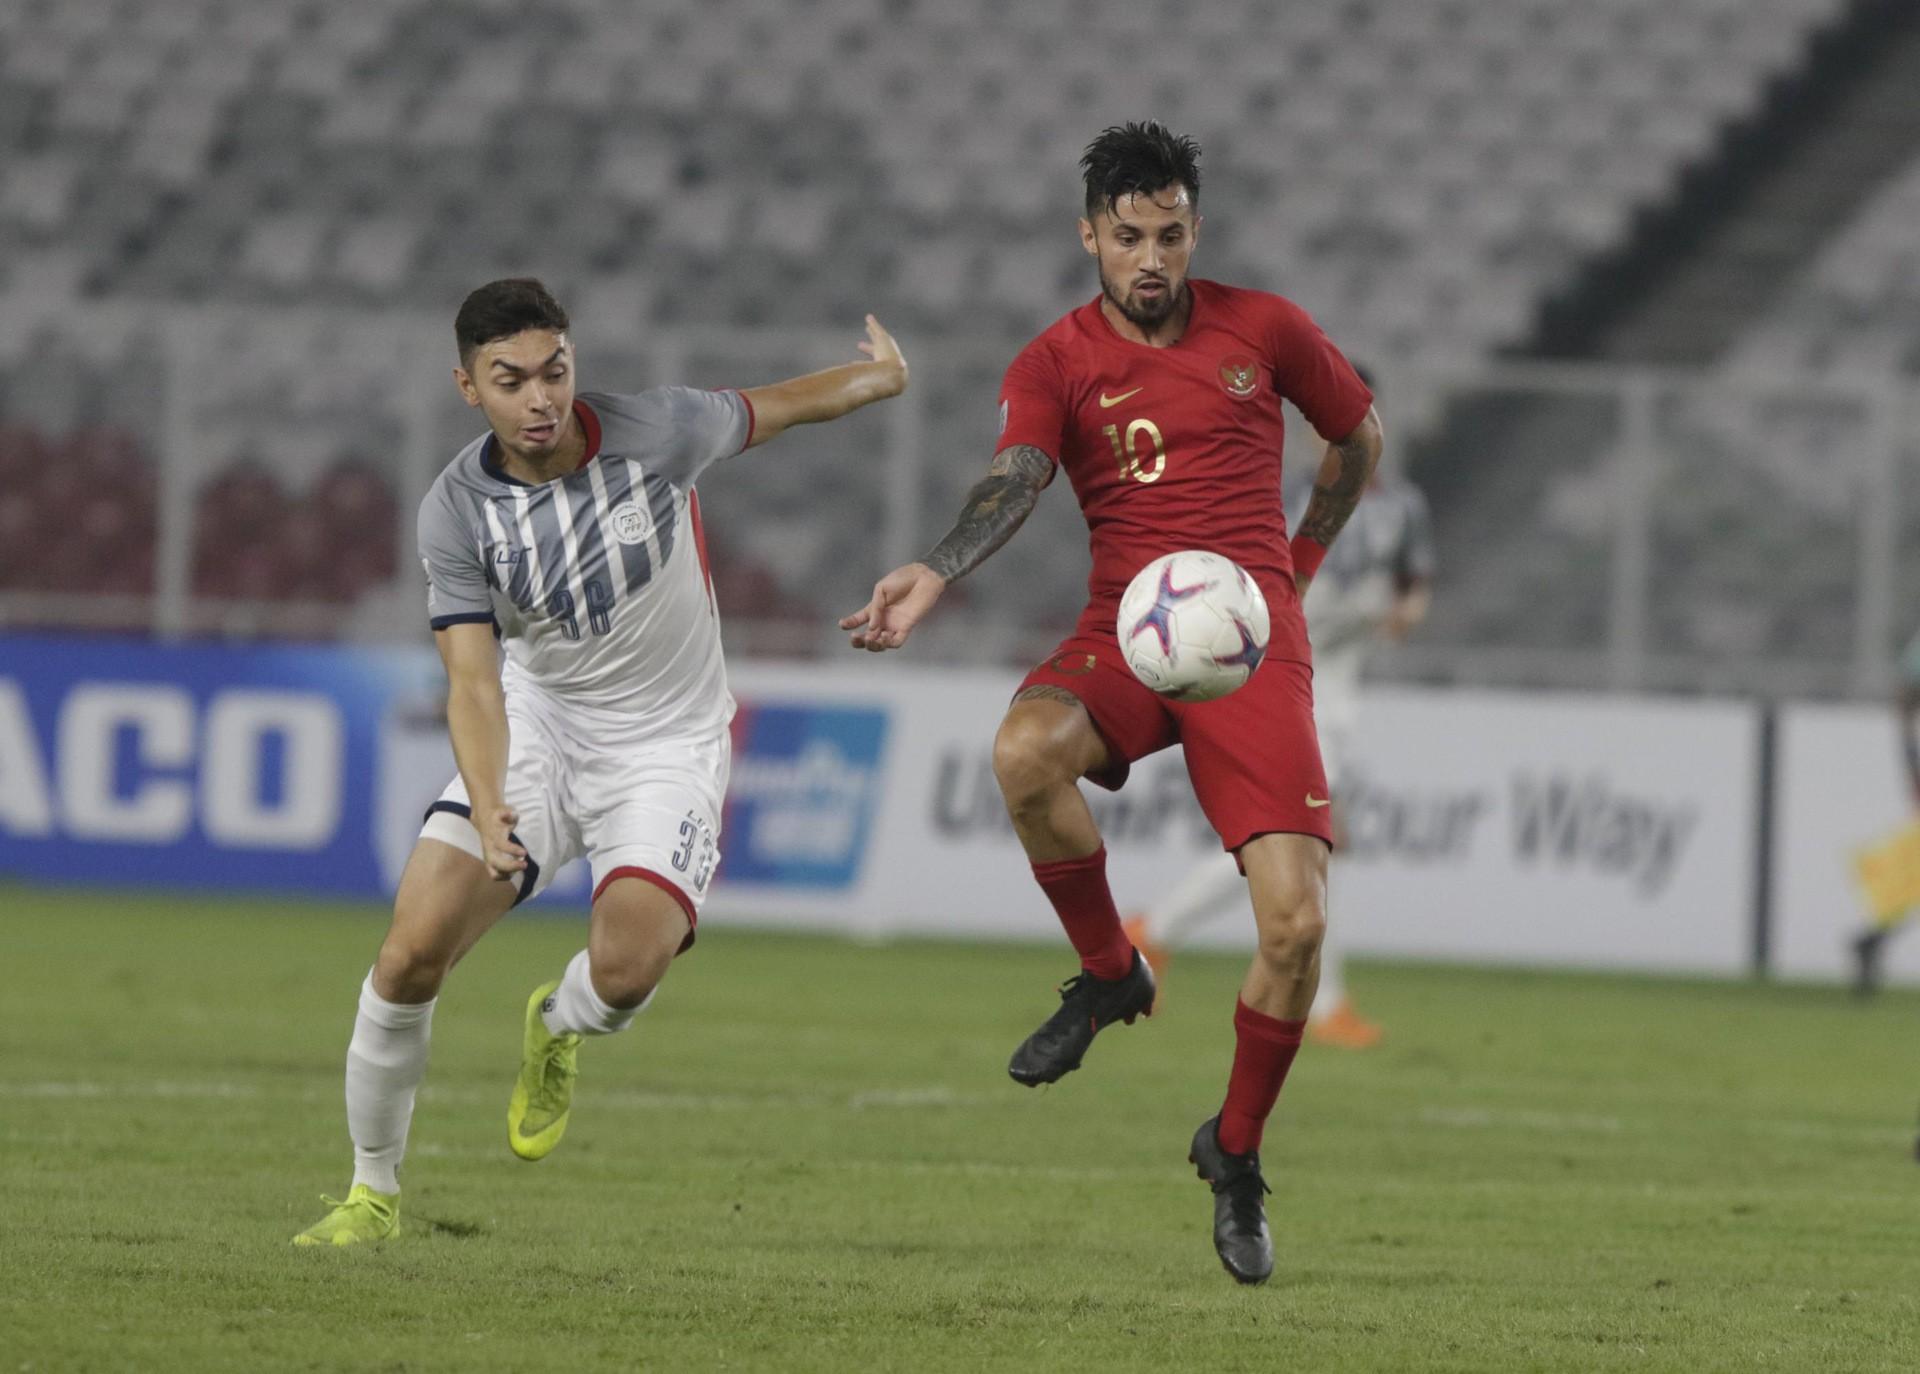 Đội trưởng Philippines cảm thấy rất khác trước trận gặp Việt Nam tại bán kết AFF Cup 2010 - Ảnh 2.